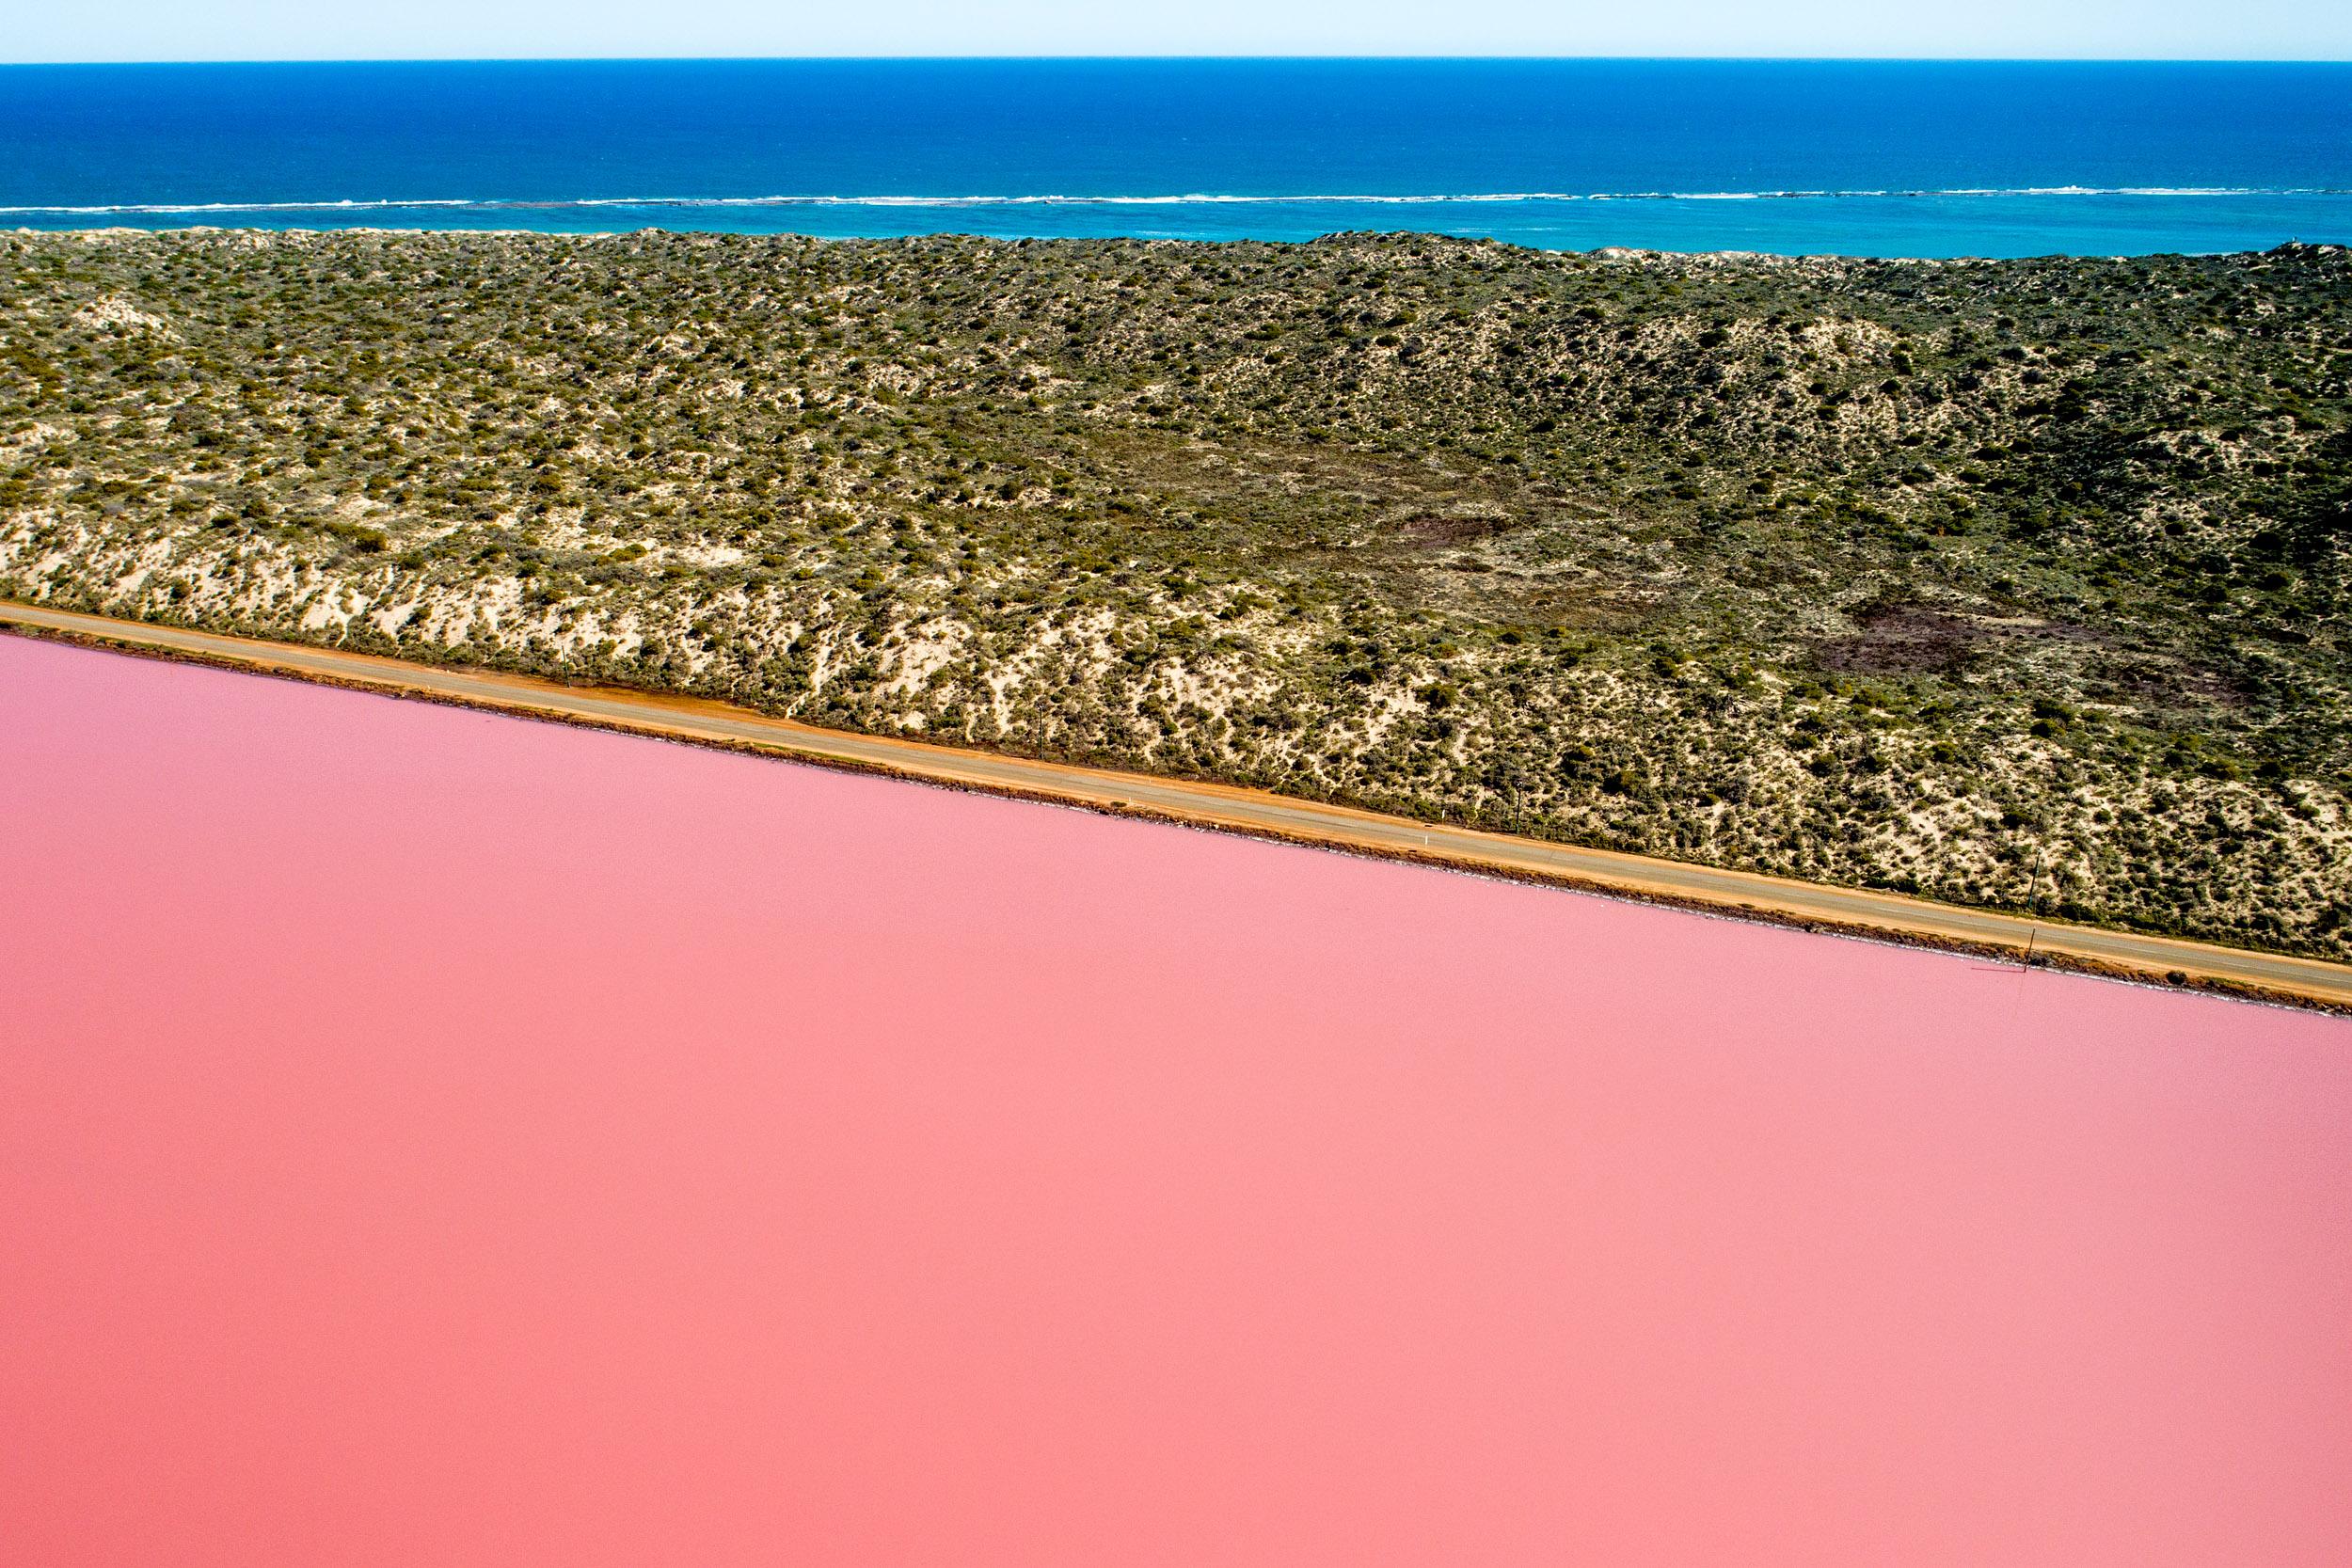 hutt-lagoon-western-australia-coastline-aerials.jpg